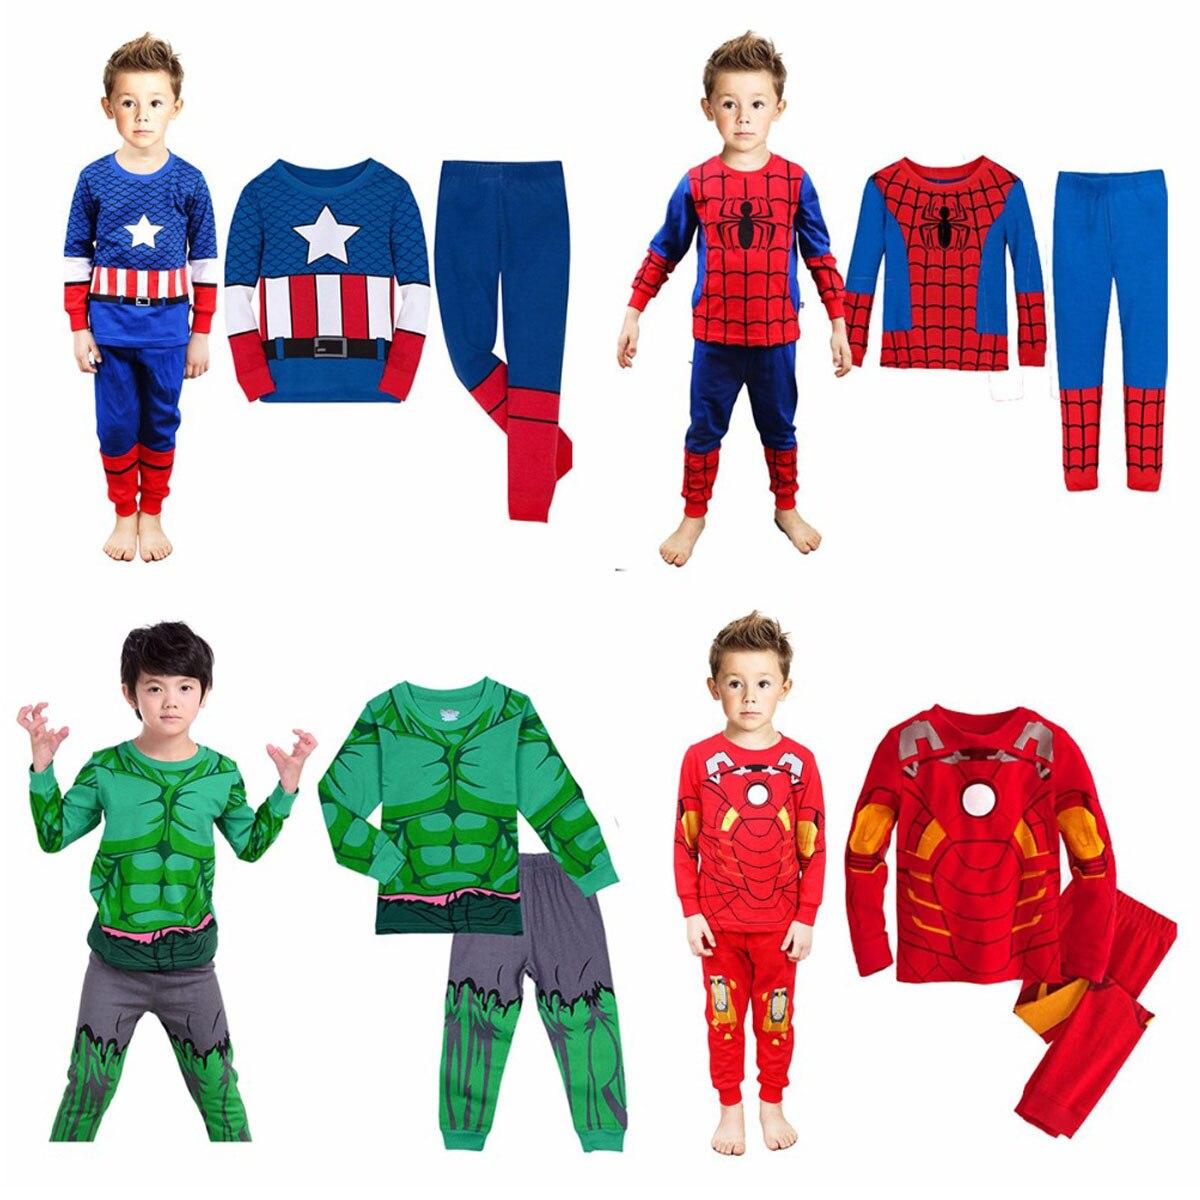 Kid Junge Superhelden Hulk Kapitän Spiderman Pyjamas Set Kinder Avengers Ironman Cartoon Nachtwäsche Kind Cosplay Halloween Kostüm